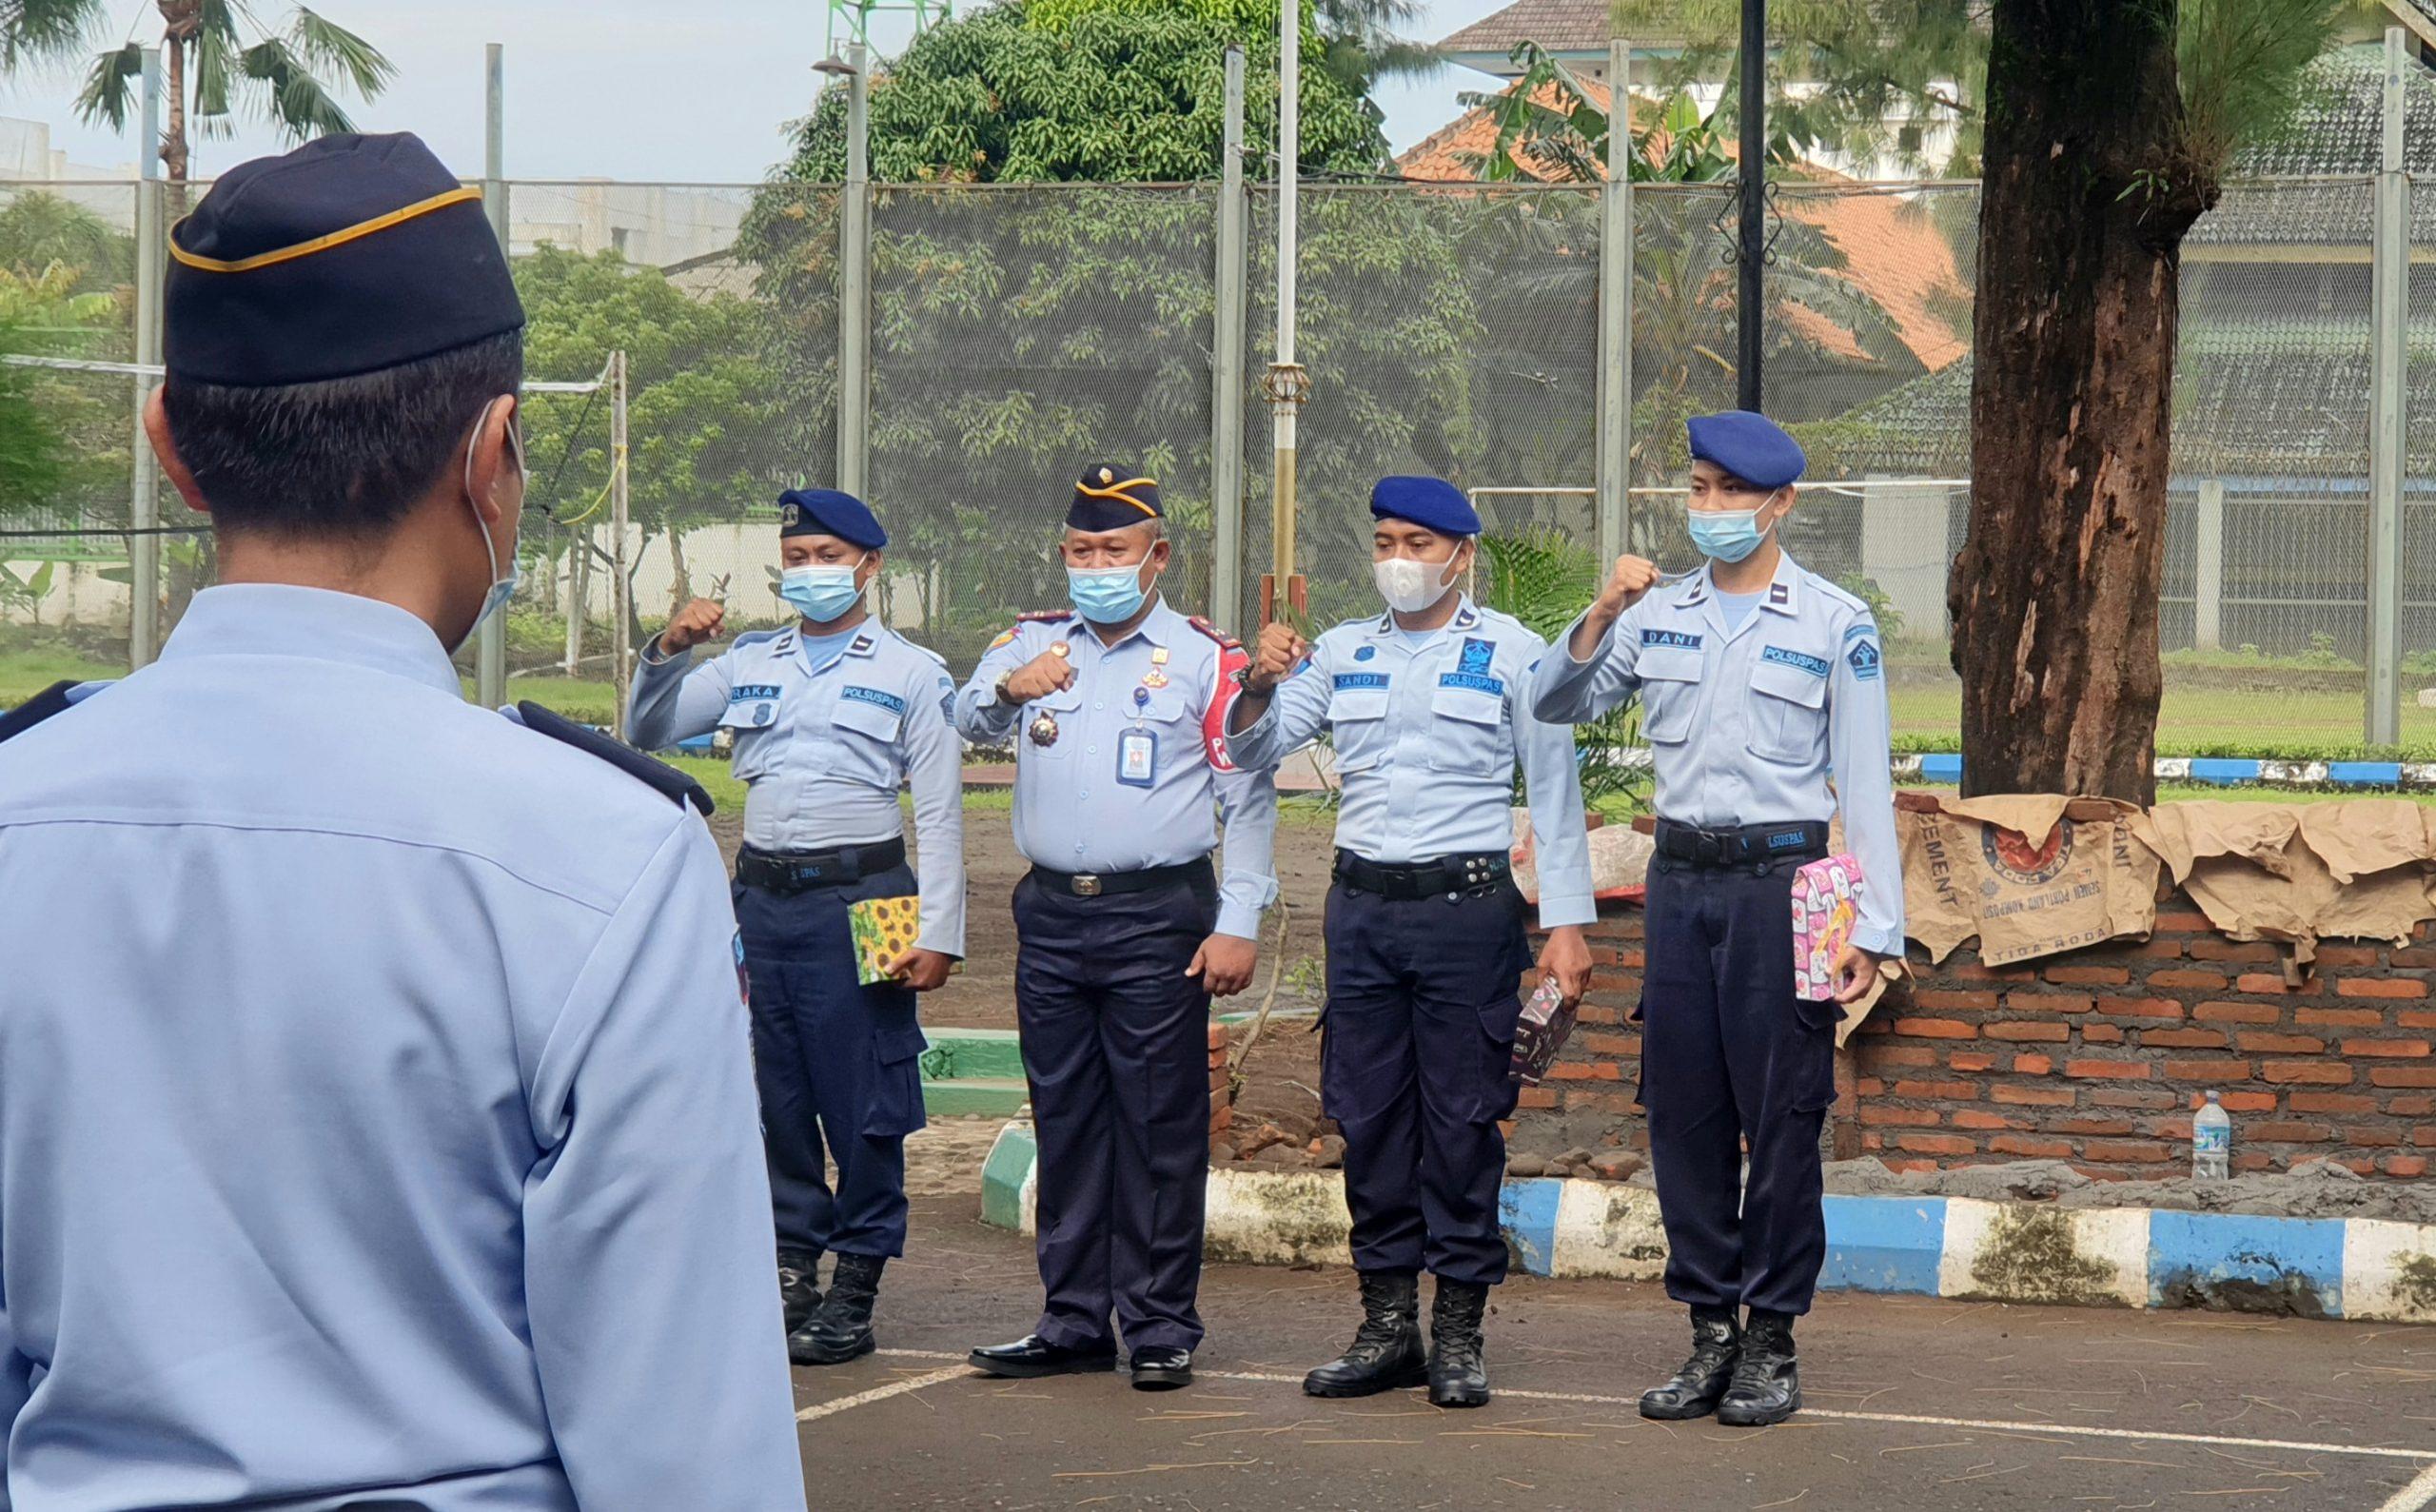 Pisah Sambut Pegawai Lapas Yogyakarta, Gelorakan Semangat Pembangunan Zona Integritas